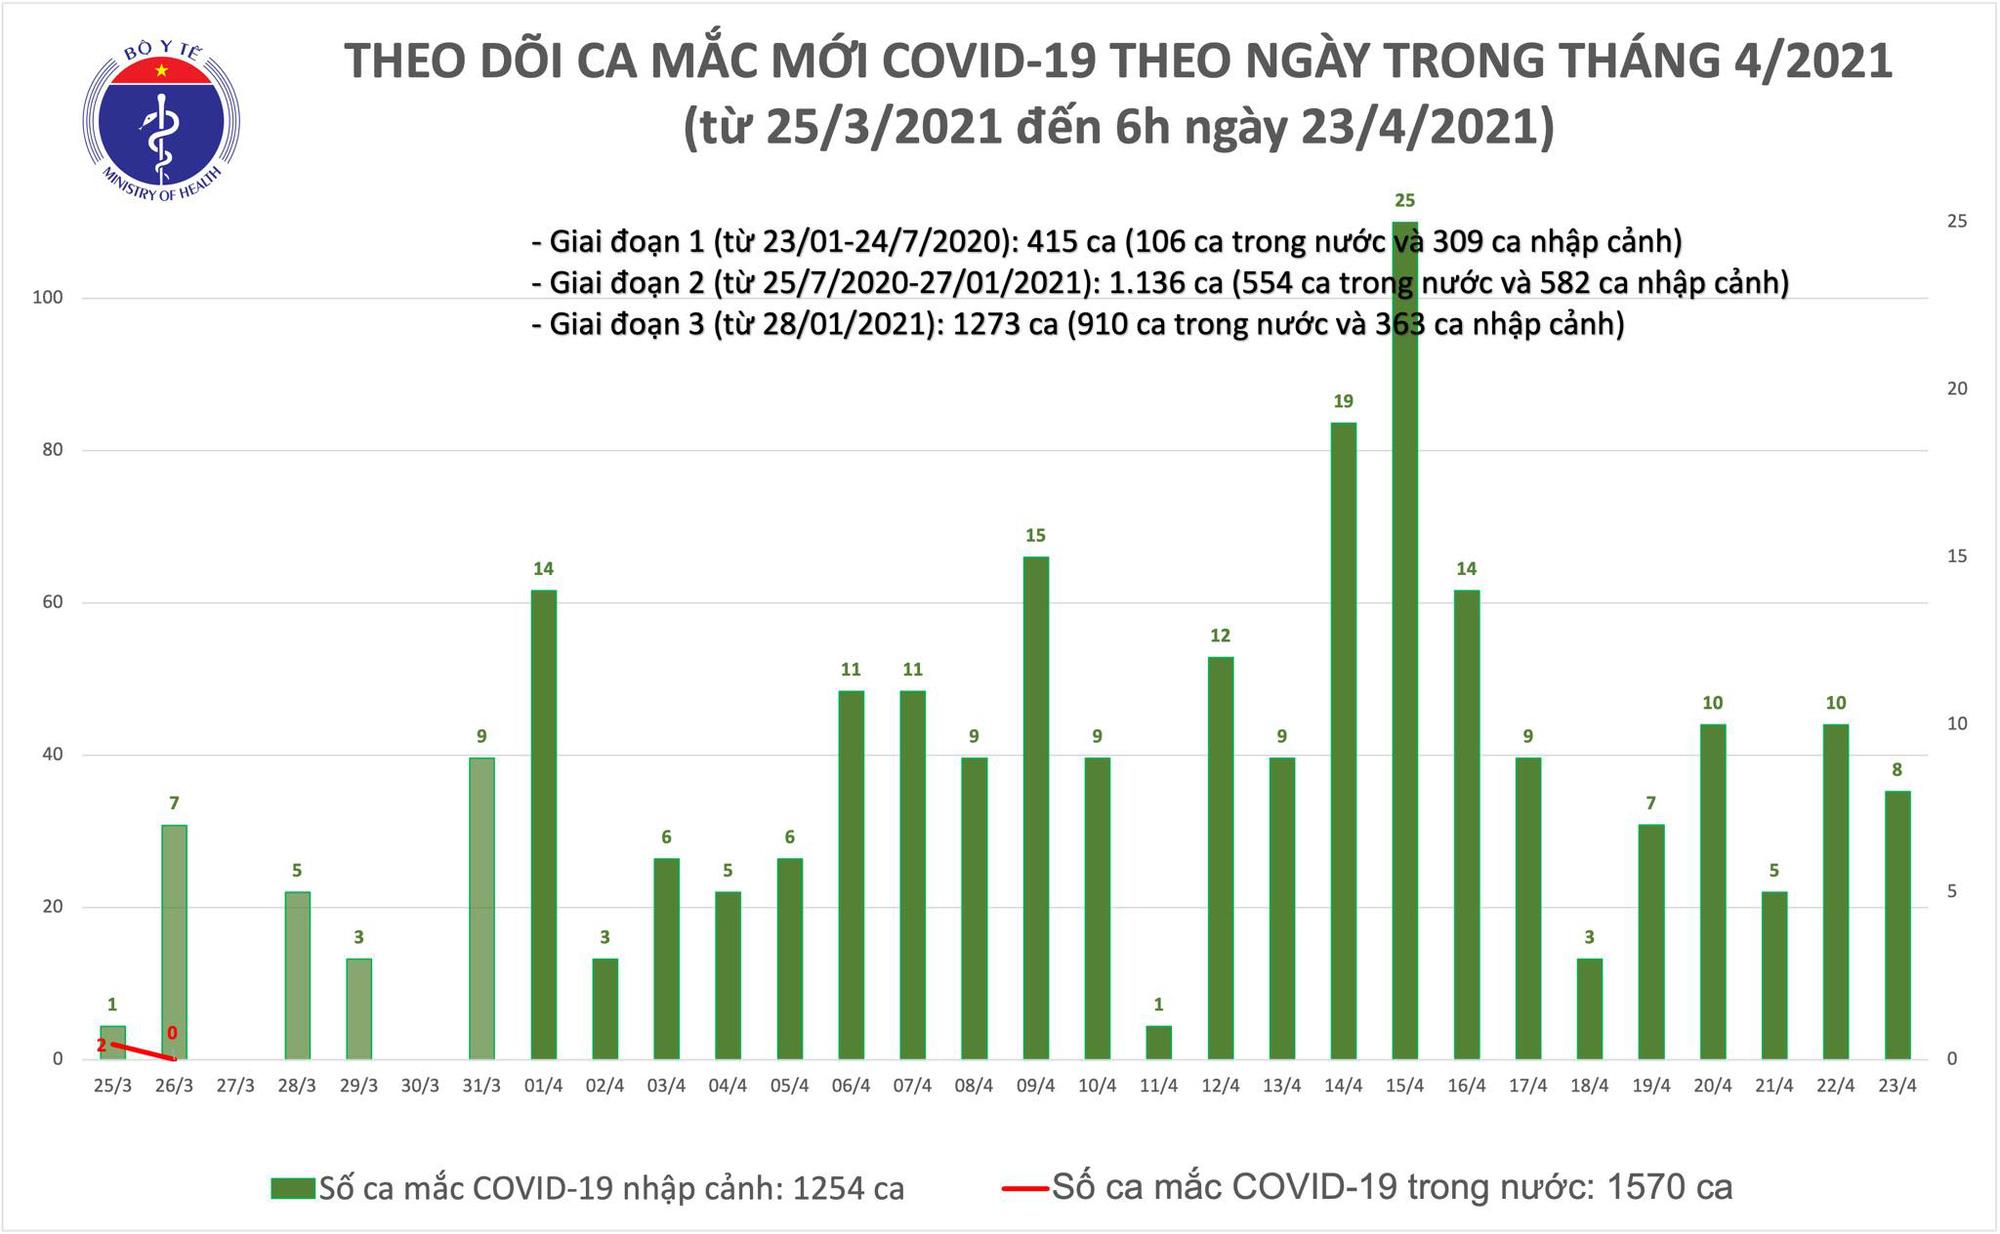 Sáng 23/4, ghi nhận 8 ca Covid-19 mới, thêm 20.000 người được tiêm vắc xin - Ảnh 1.